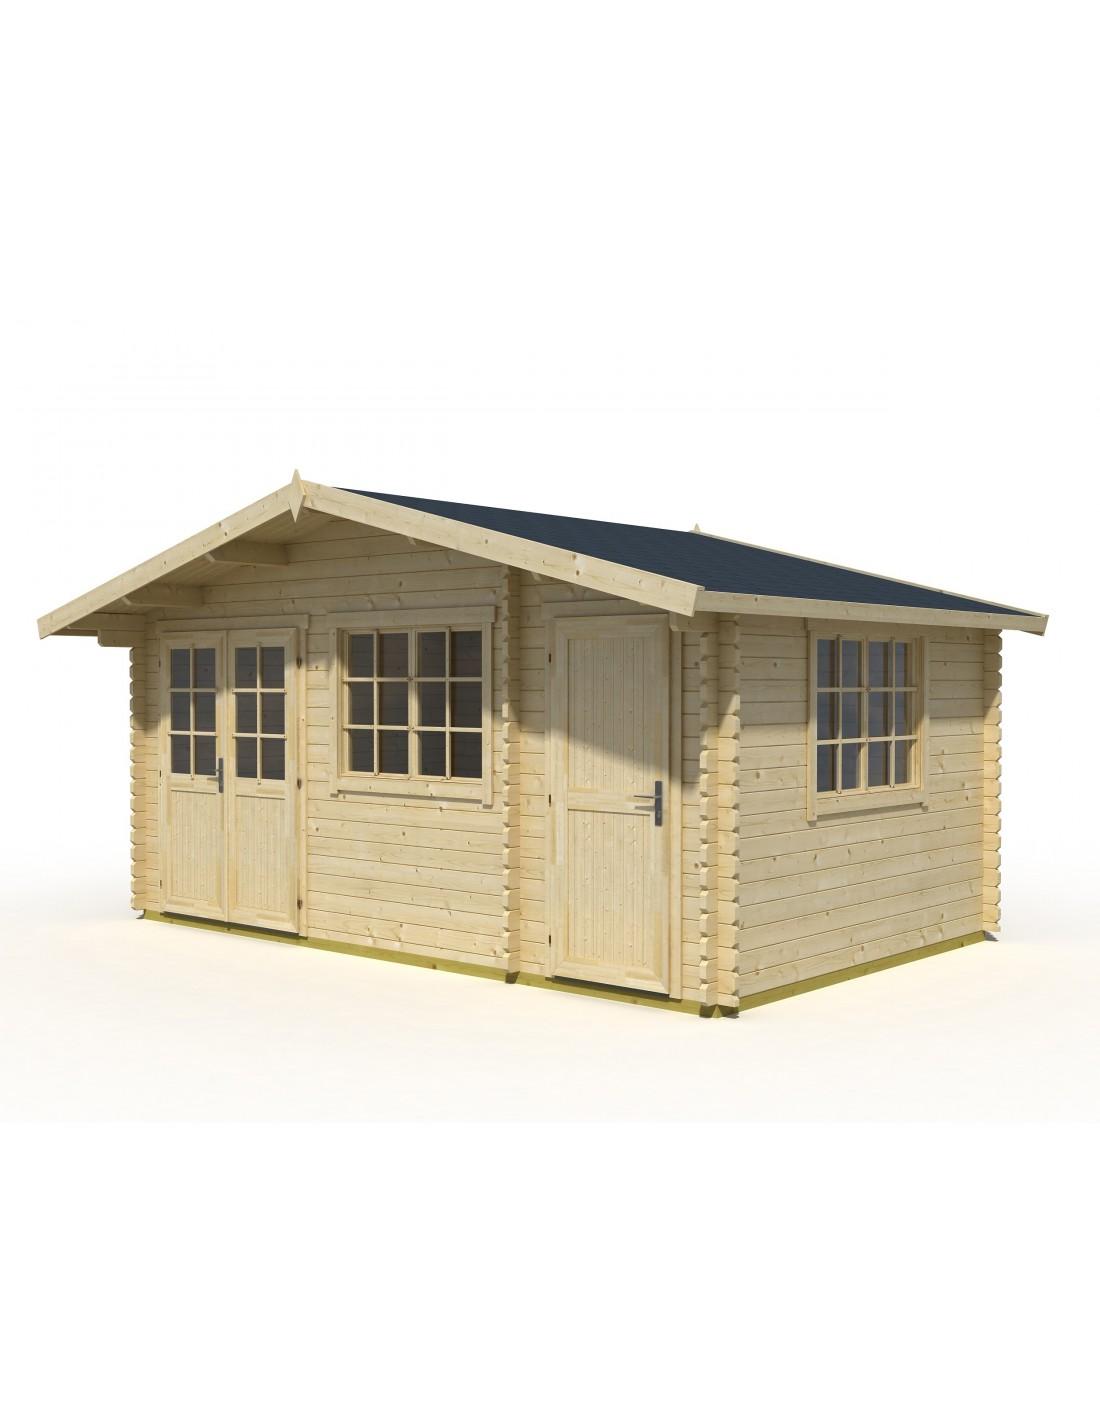 Abri de jardin borkum 15 2 m avec plancher bois massif for Abri de jardin en bois avec plancher